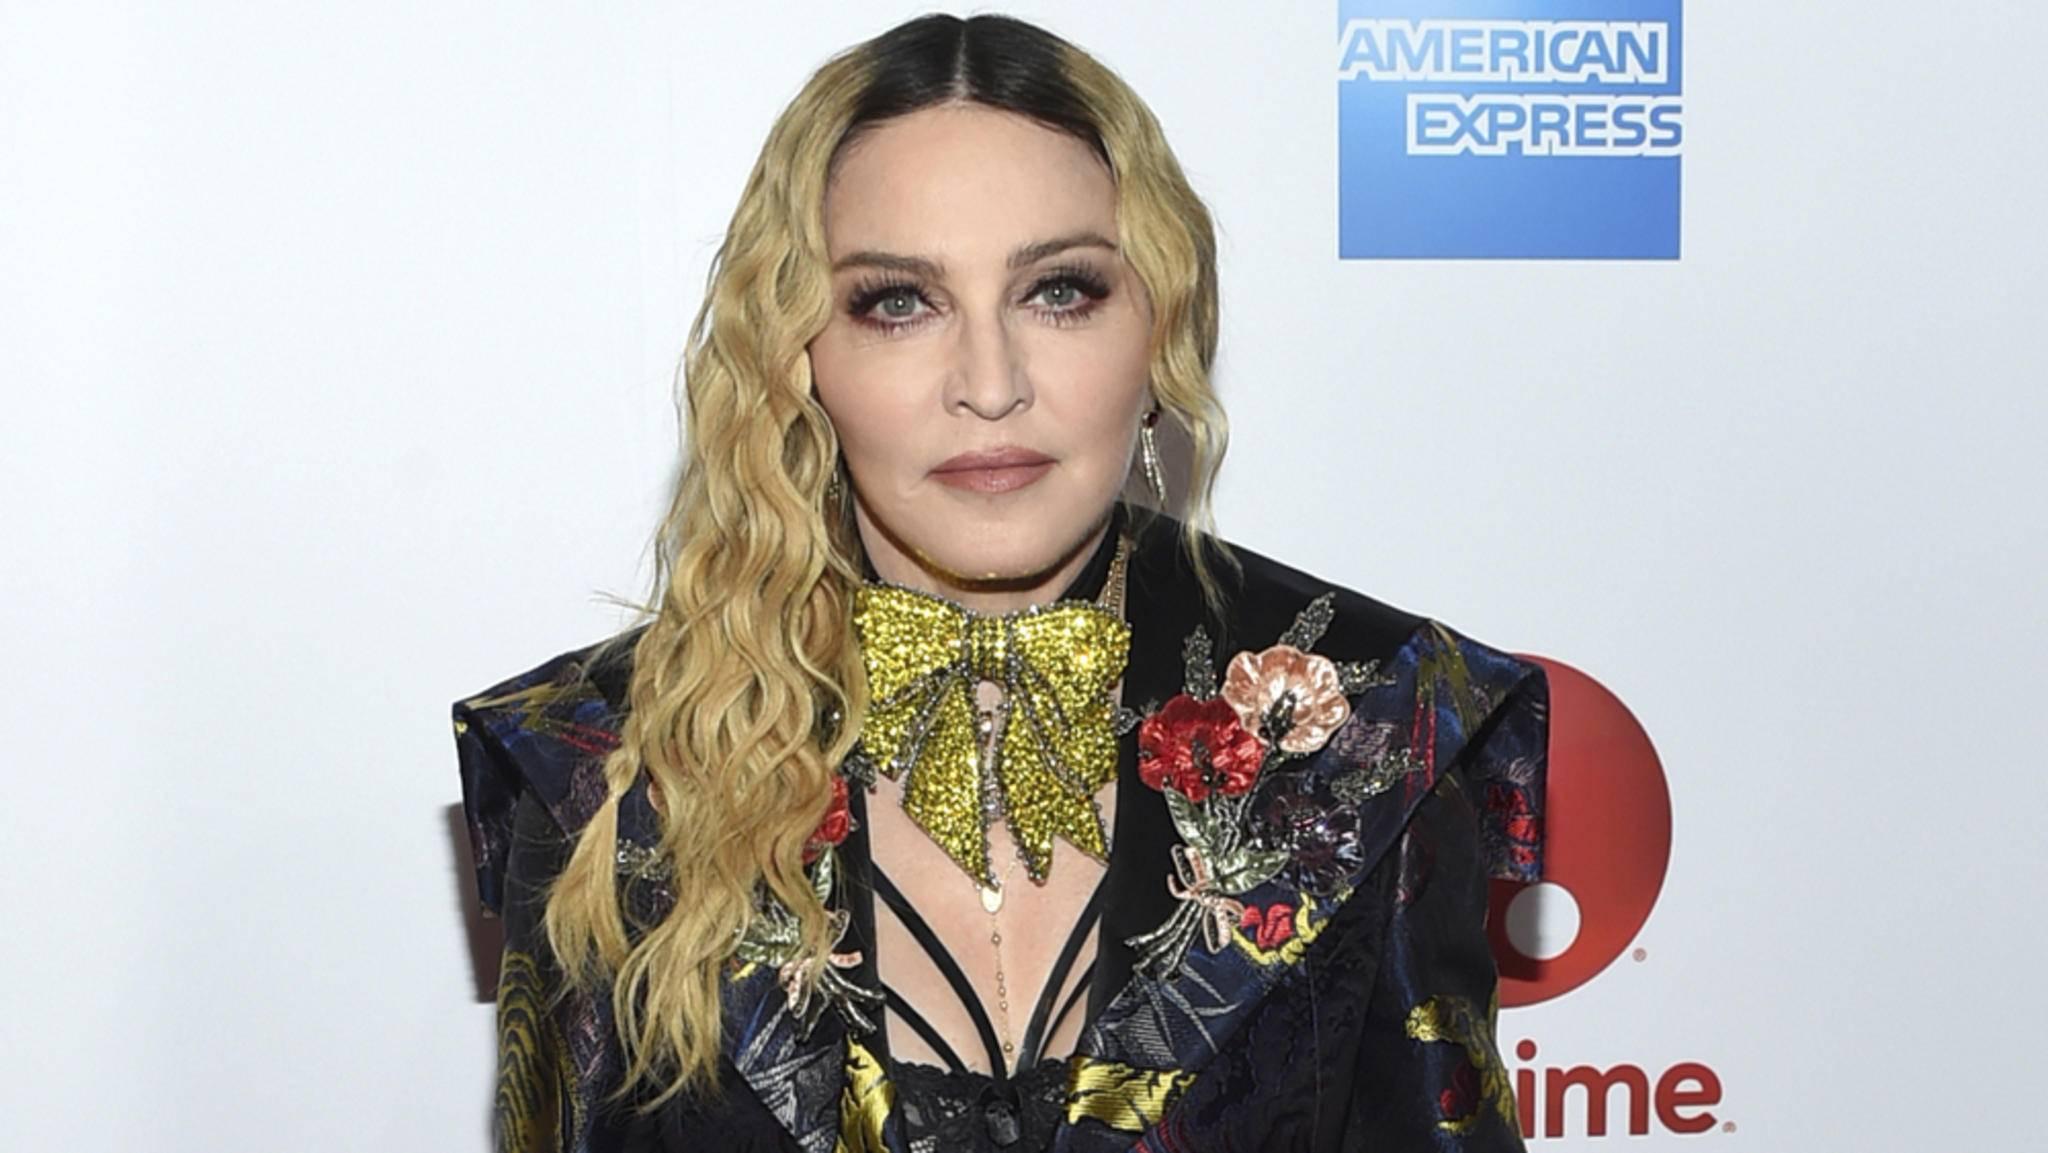 Niemand außer ihr selbst könne ihre Geschichte erzählen, ärgert sich Madonna über das Biopic.